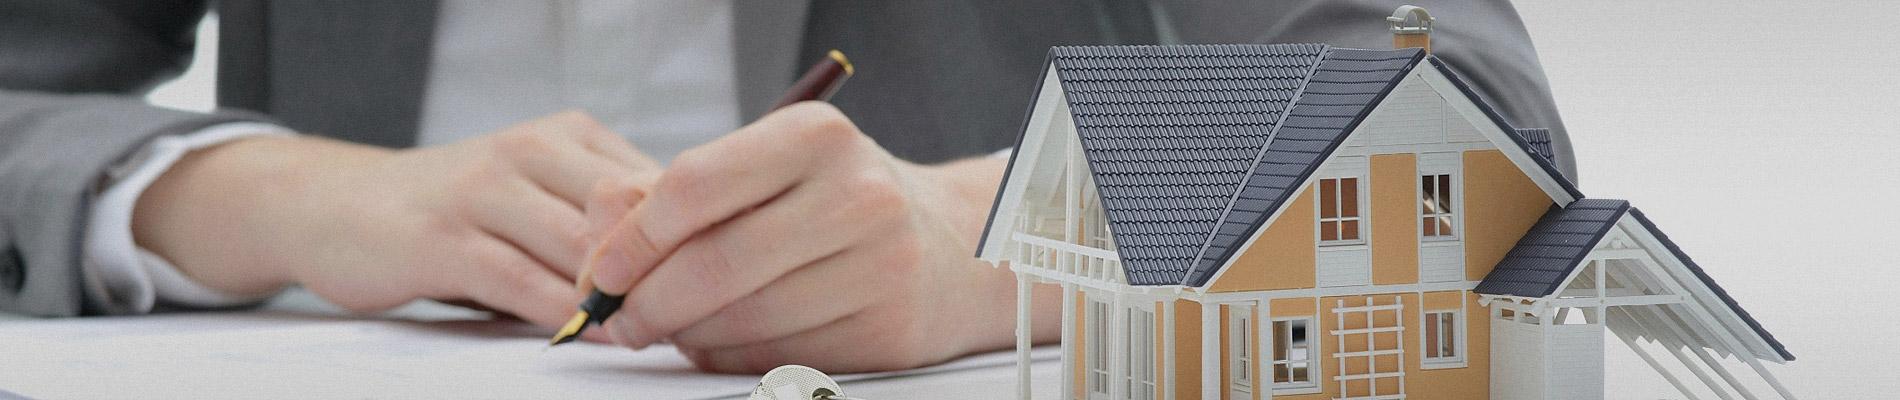 консультации по недвижимости юрист